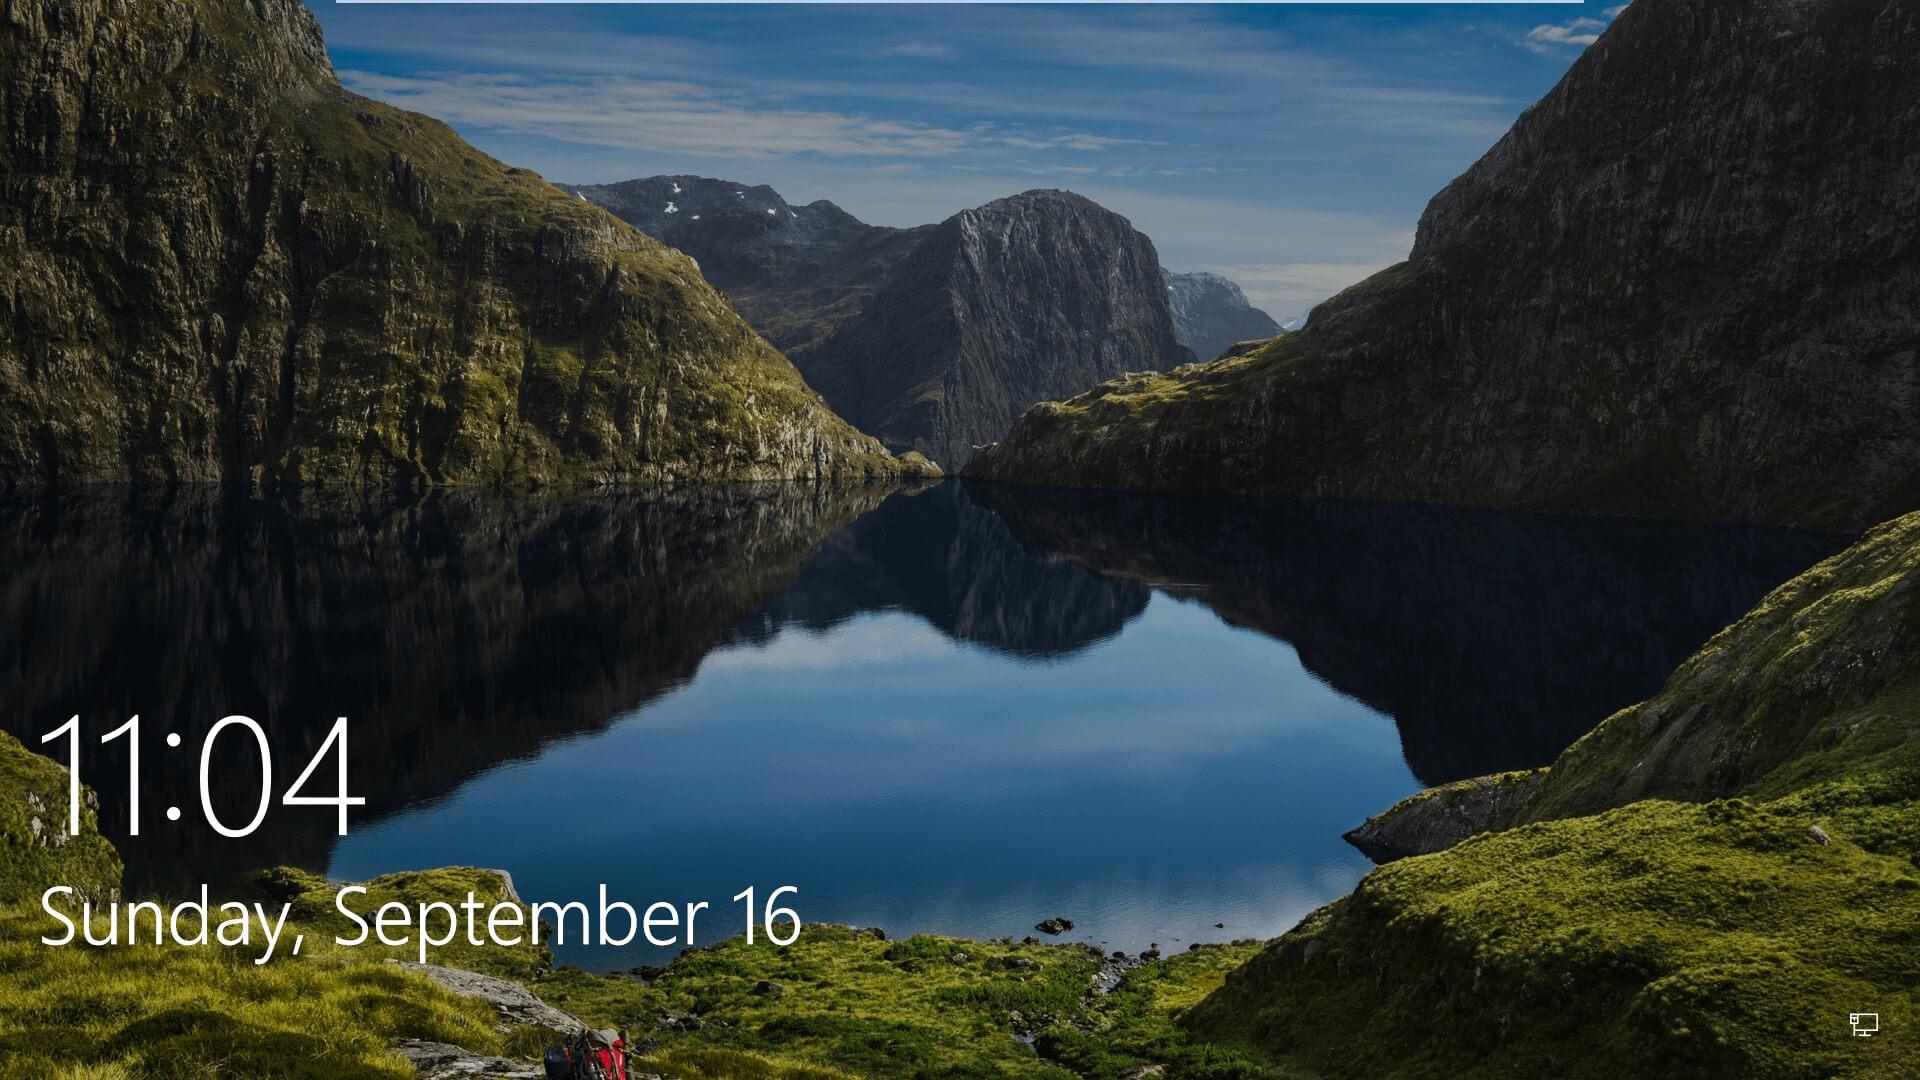 Добавьте обои с экрана блокировки Windows 10 в свою коллекцию